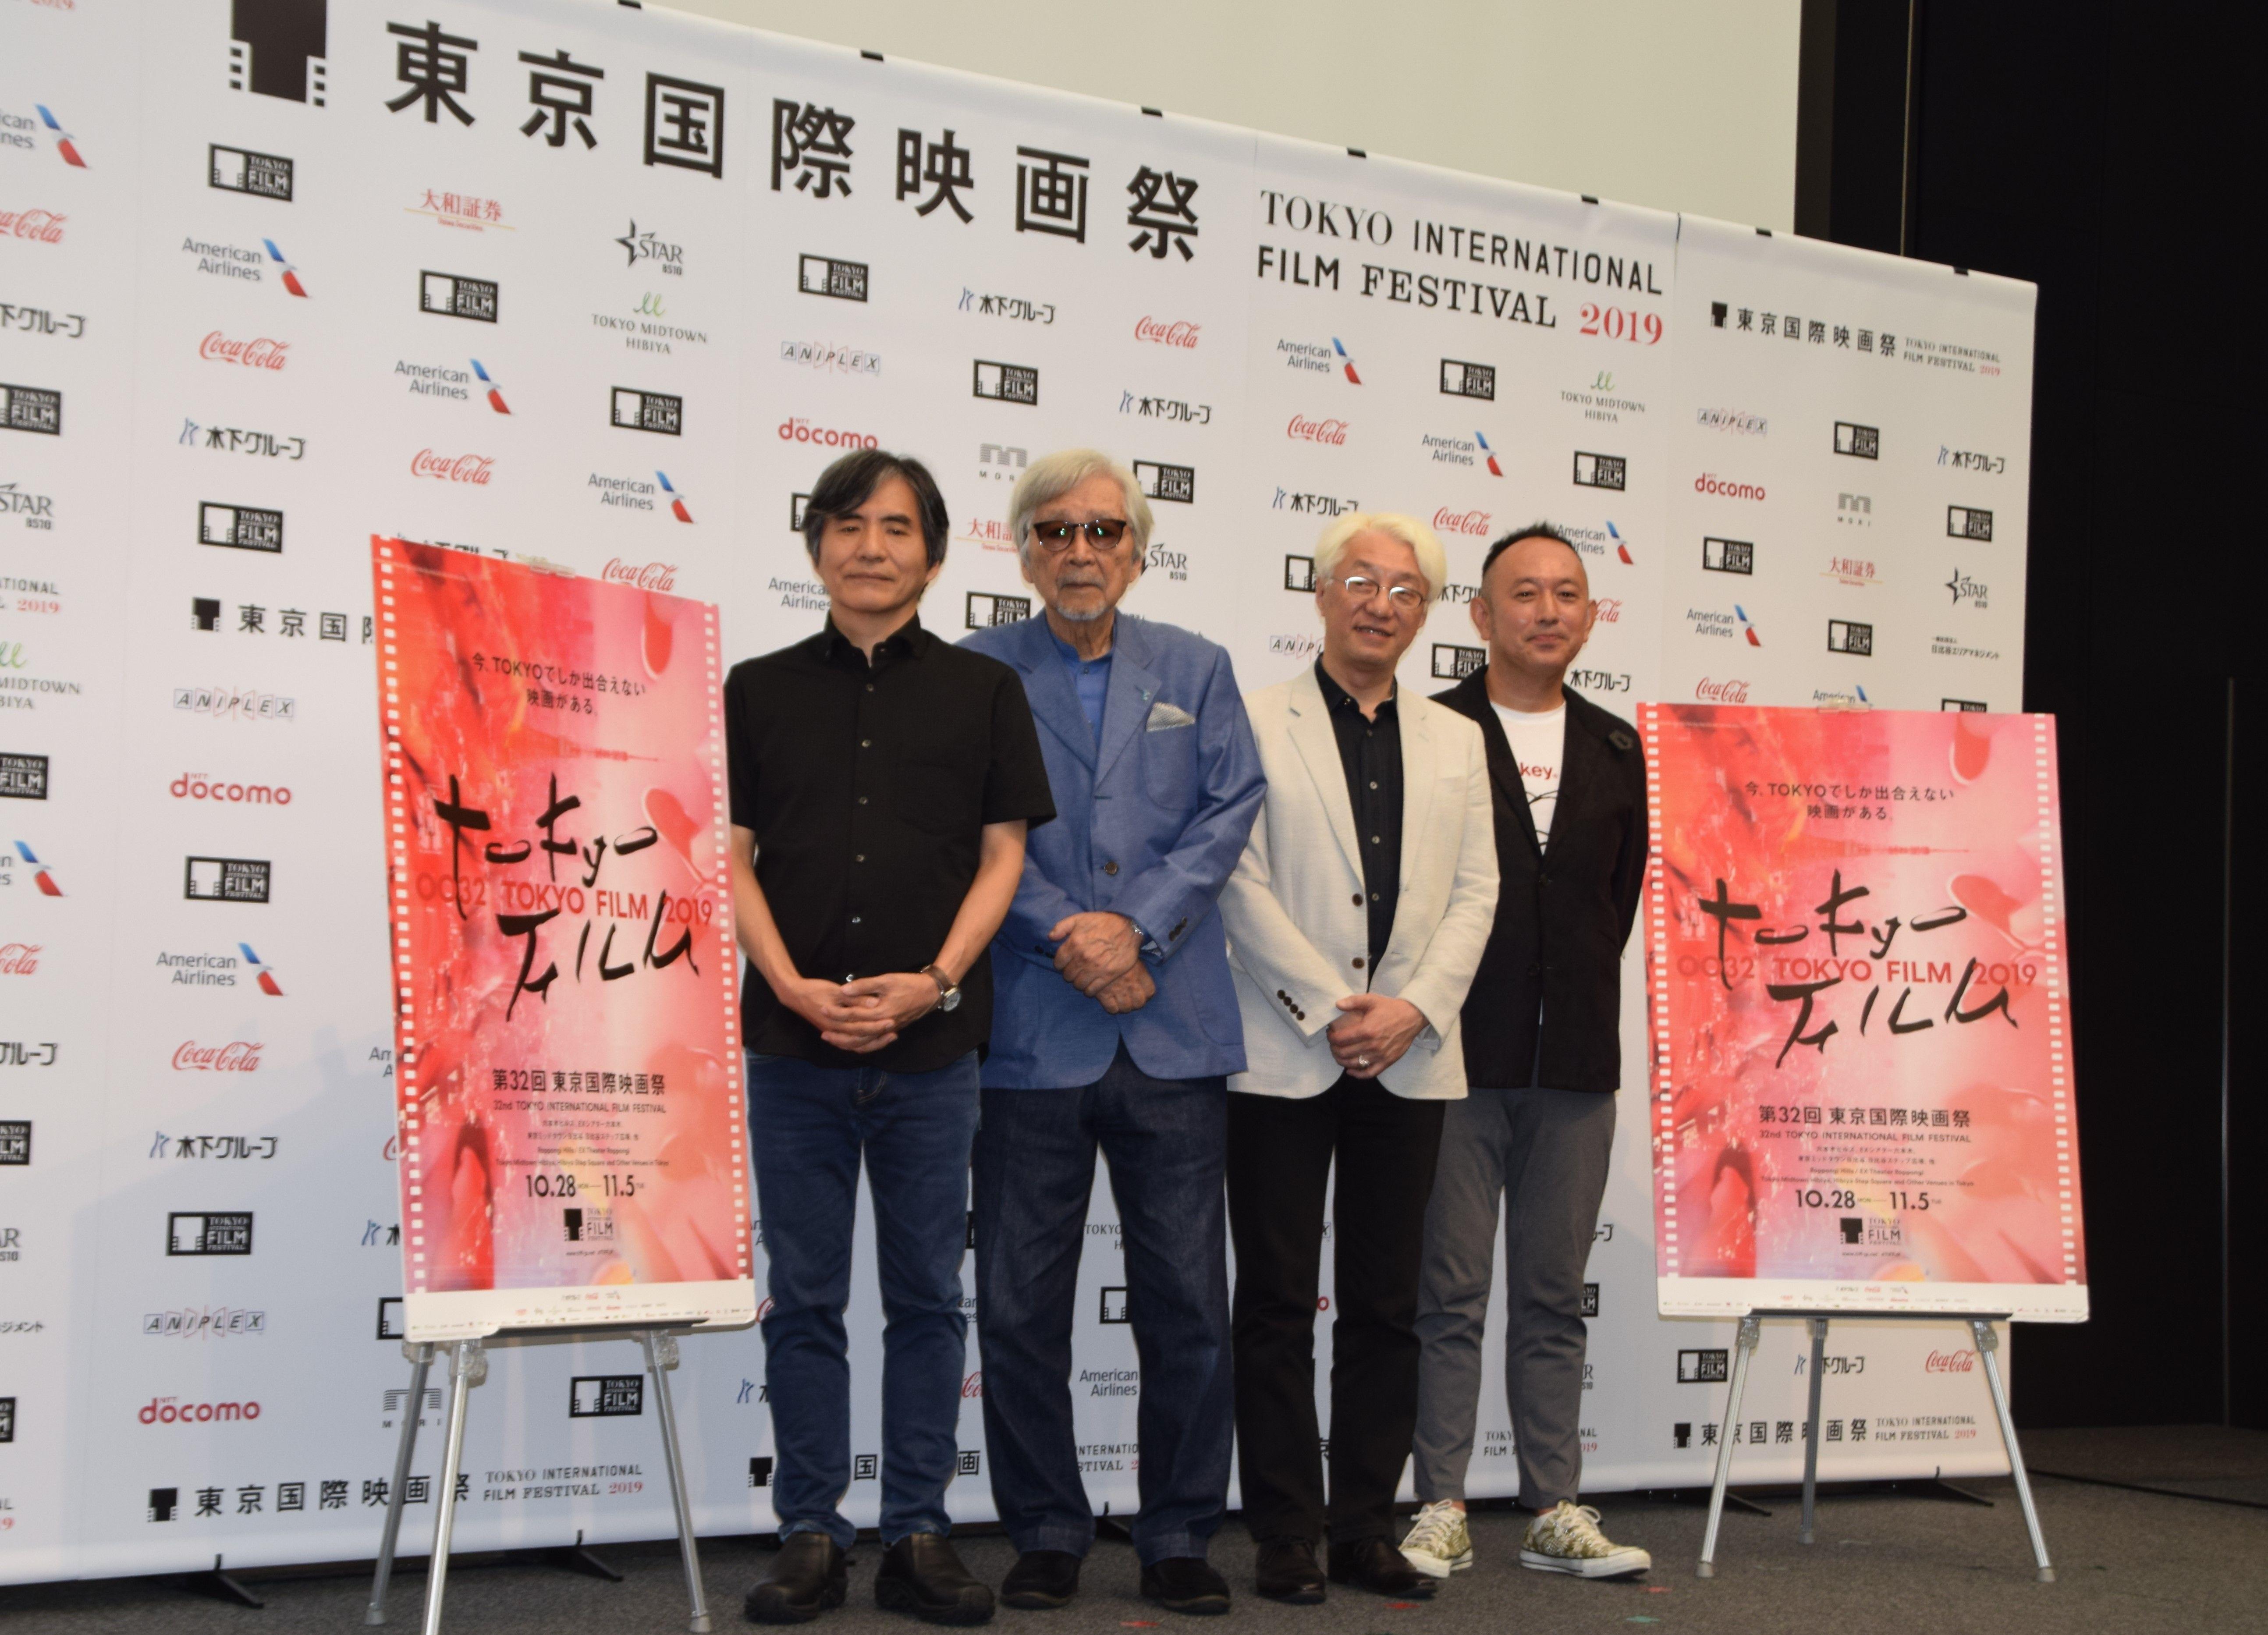 これは見逃せない!第32回東京国際映画祭のおすすめ7作品